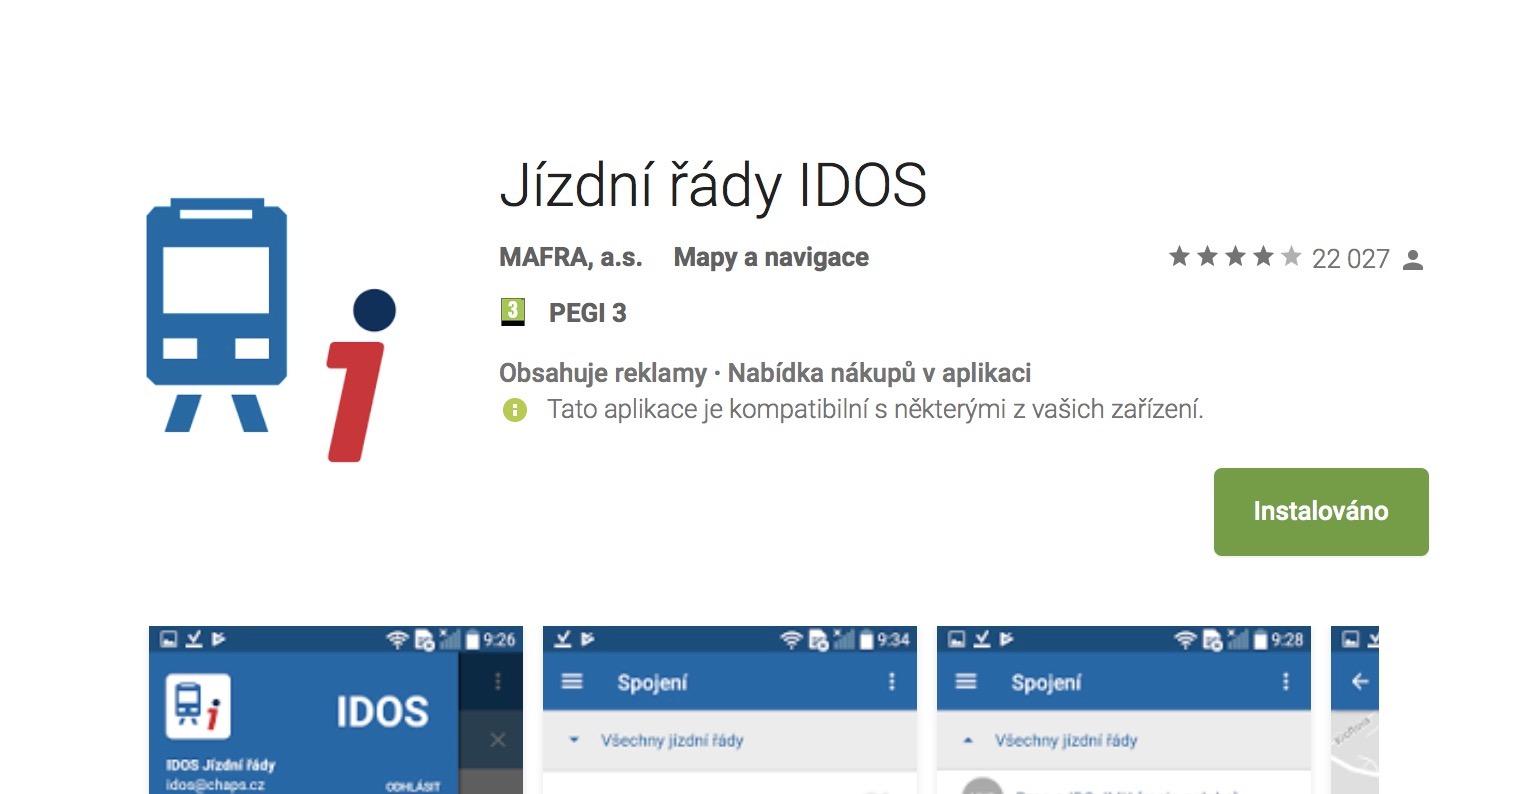 Jizdni rady IDOS FB